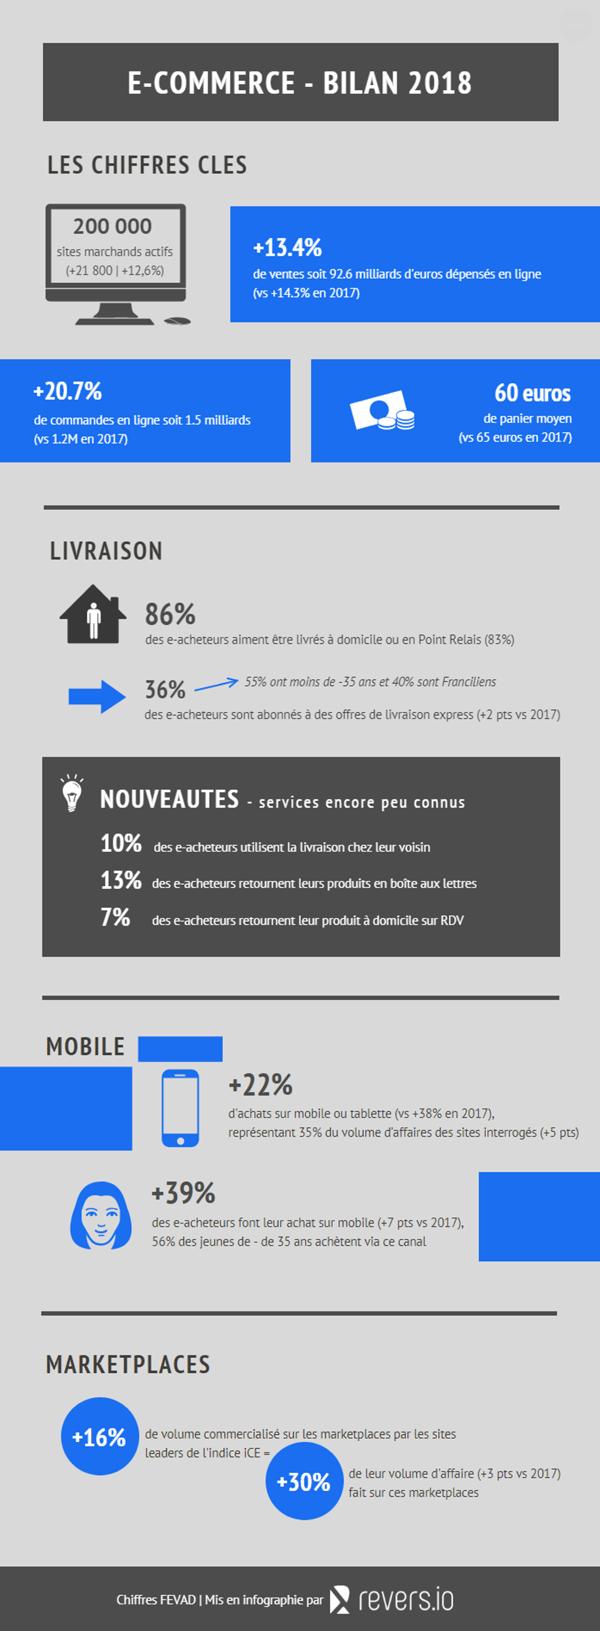 infographie_revers.io_fevad-2